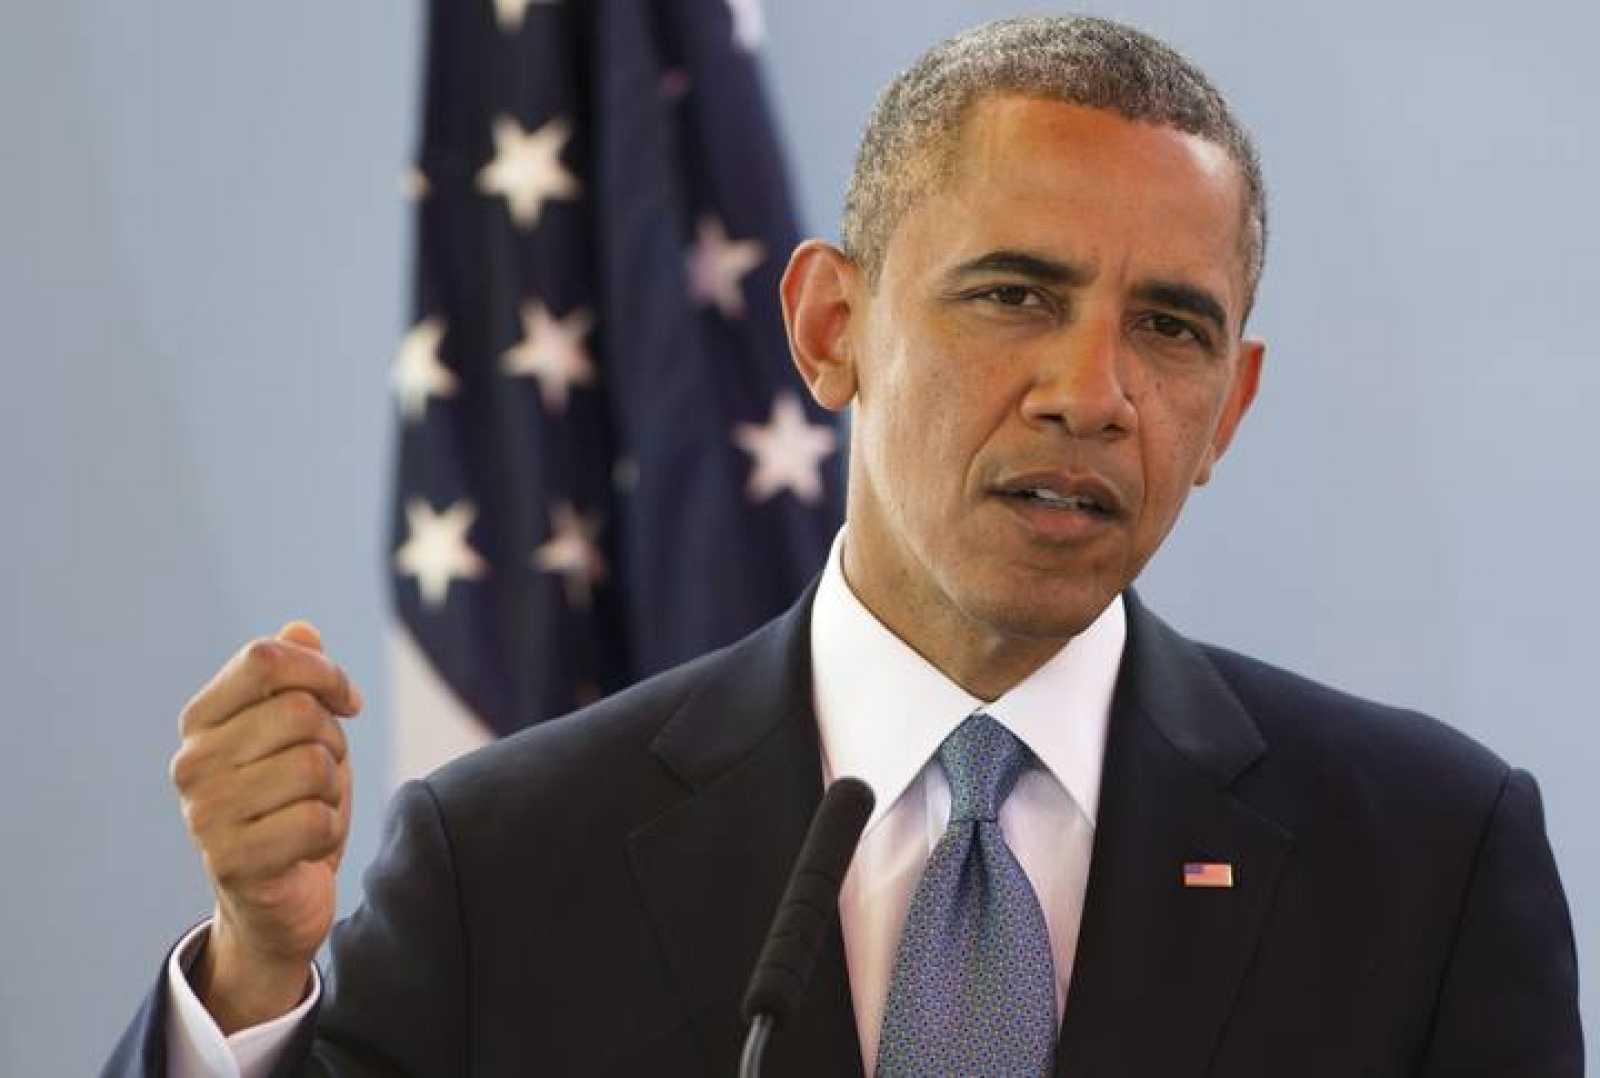 El presidente de EE.UU., Barack Obama, habla, este 27 de junio, al comienzo de su gira africana, en Dakar, Senegal